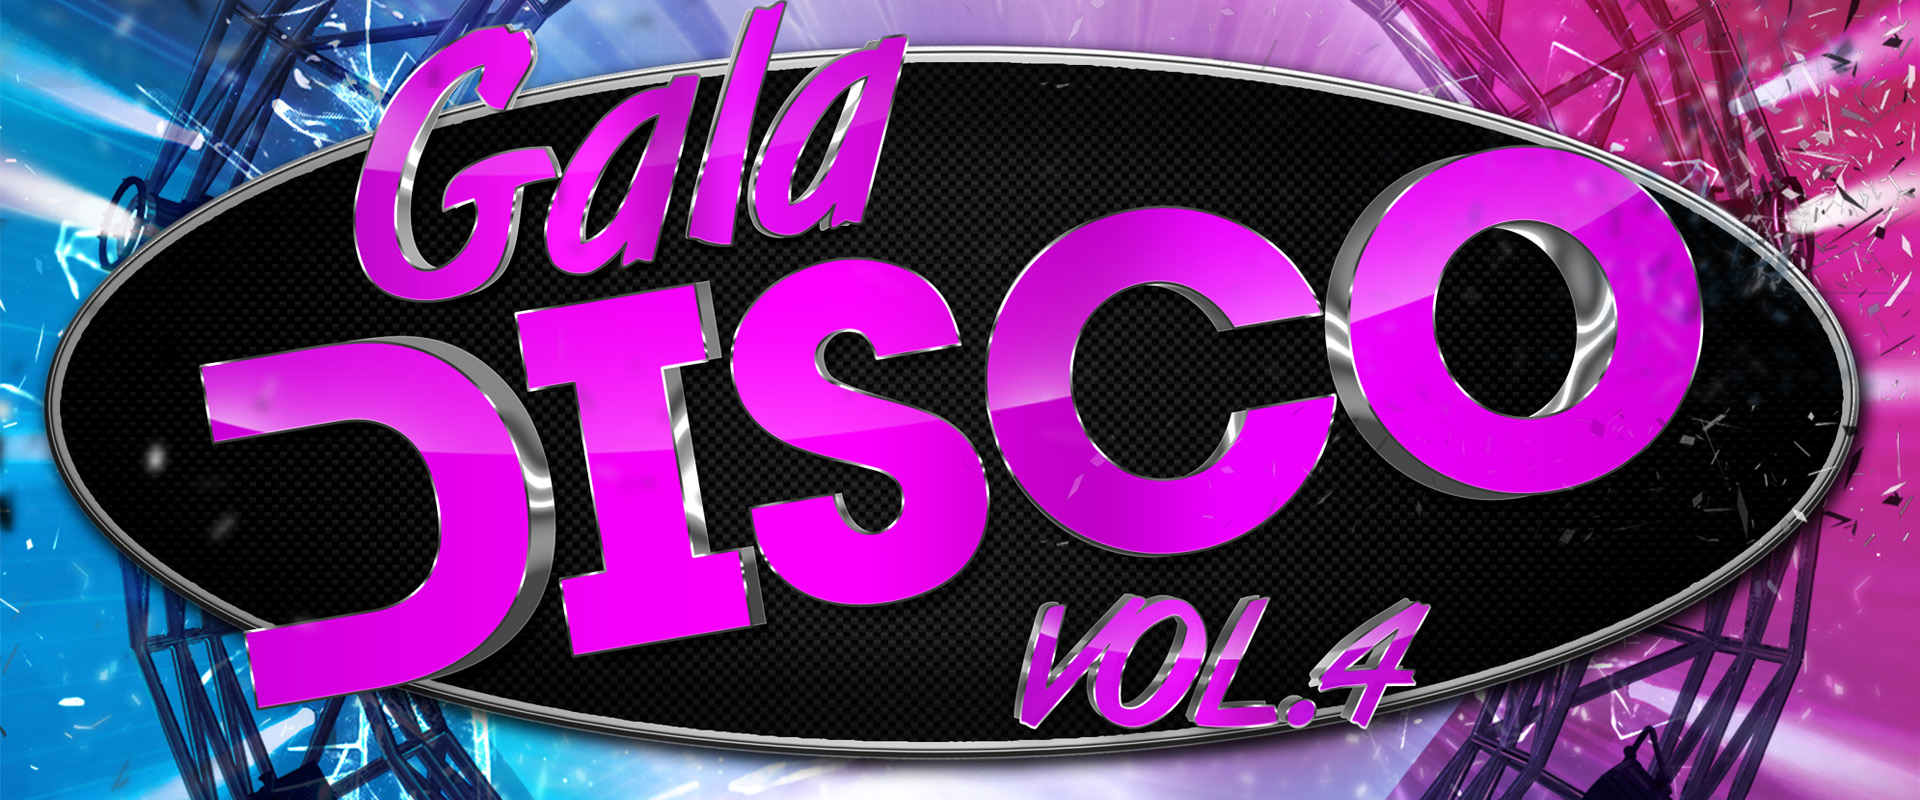 gala-disco-4logo